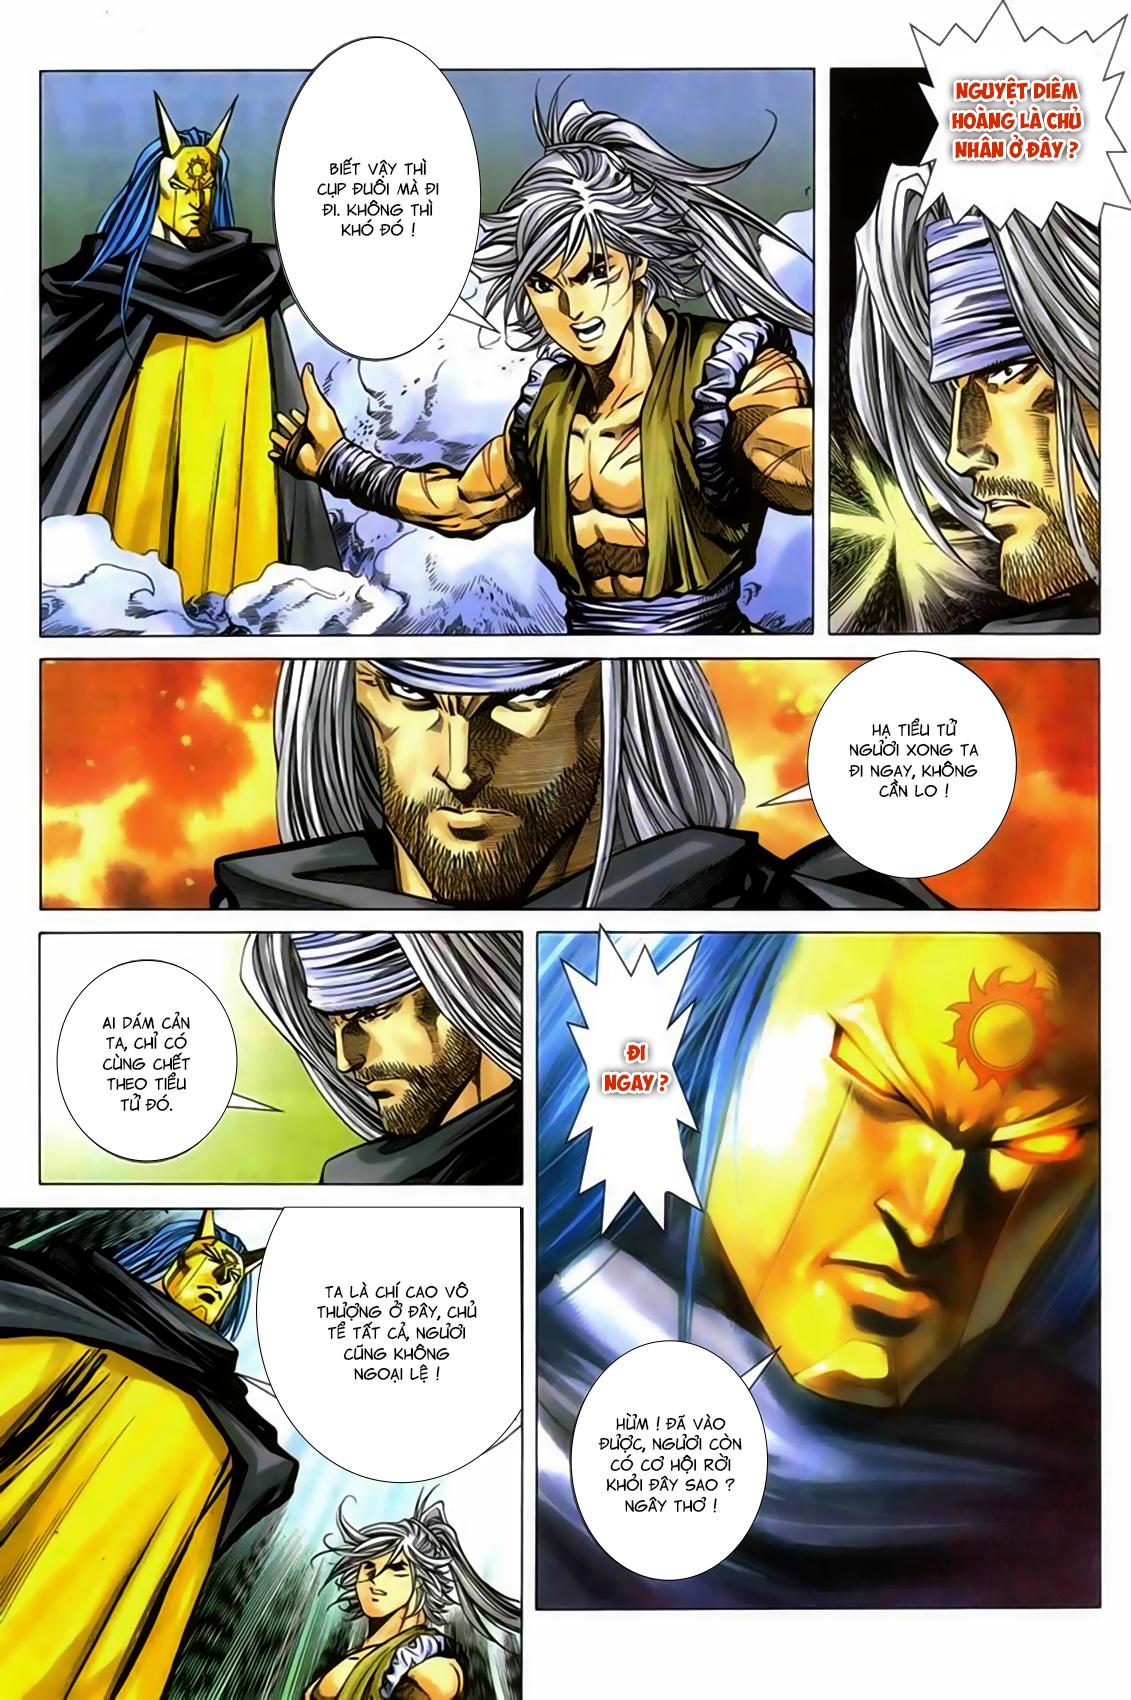 Song Hùng Kỳ Hiệp Chap 277 - Trang 11